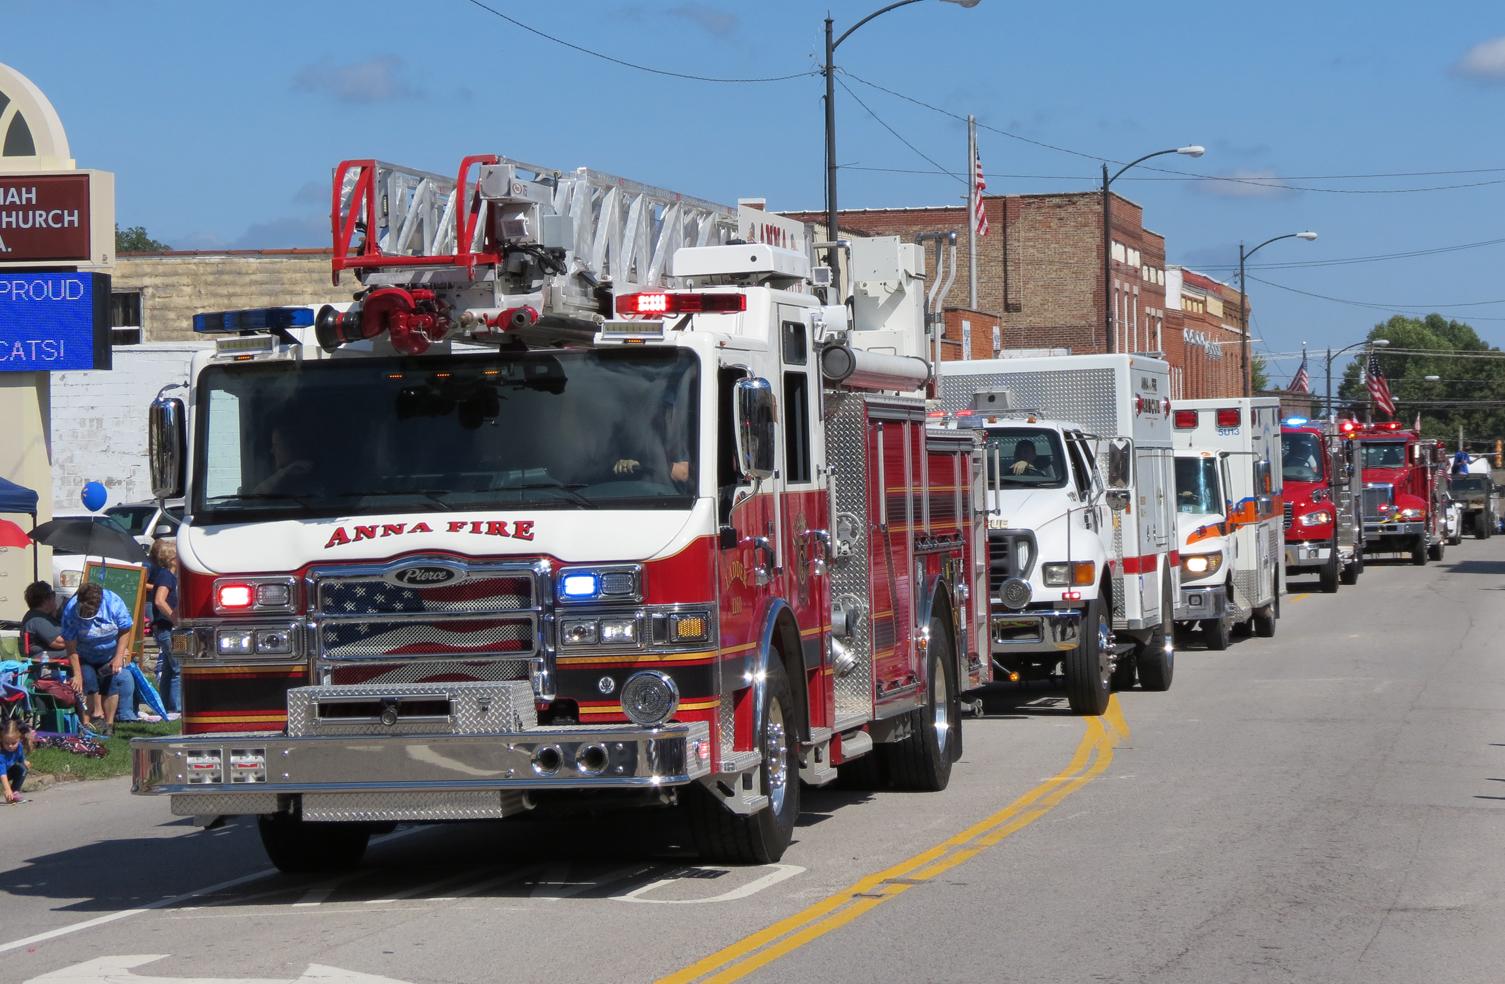 Anna Fire Department ladder truck